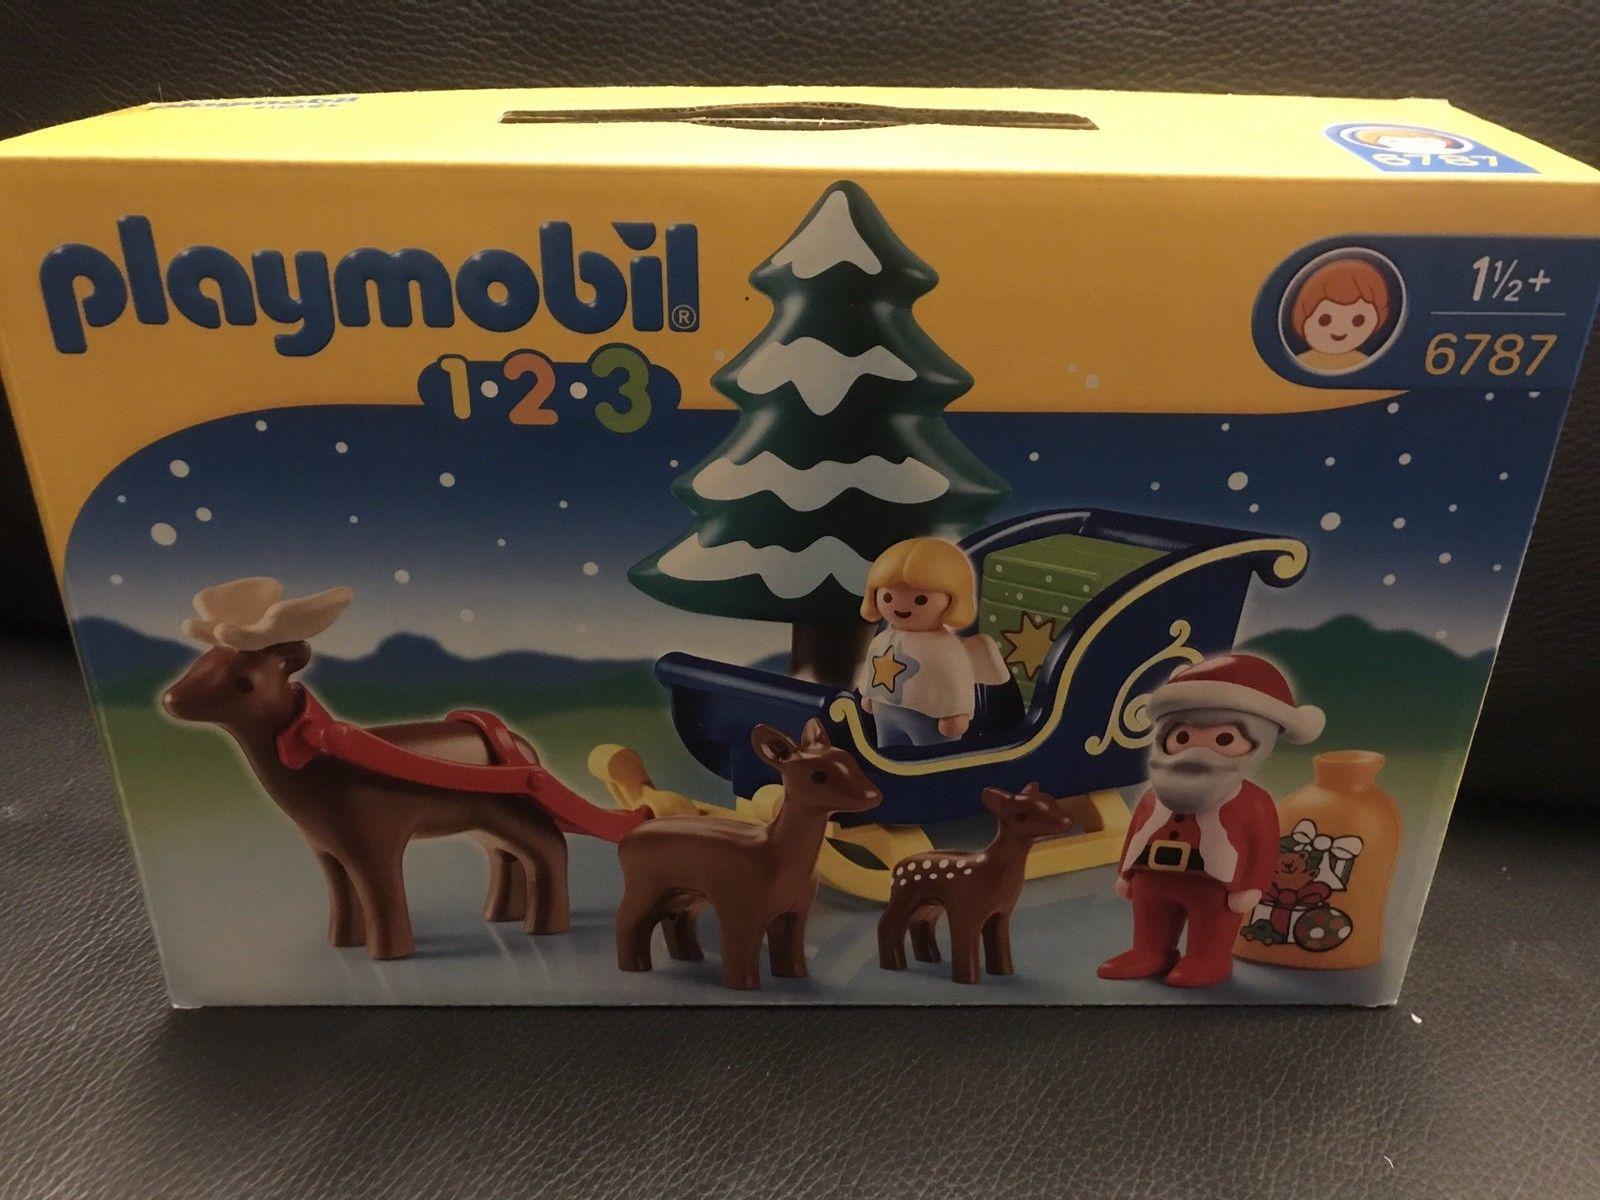 Playmobil 123 weihnachtsmann mit rentierschlitten